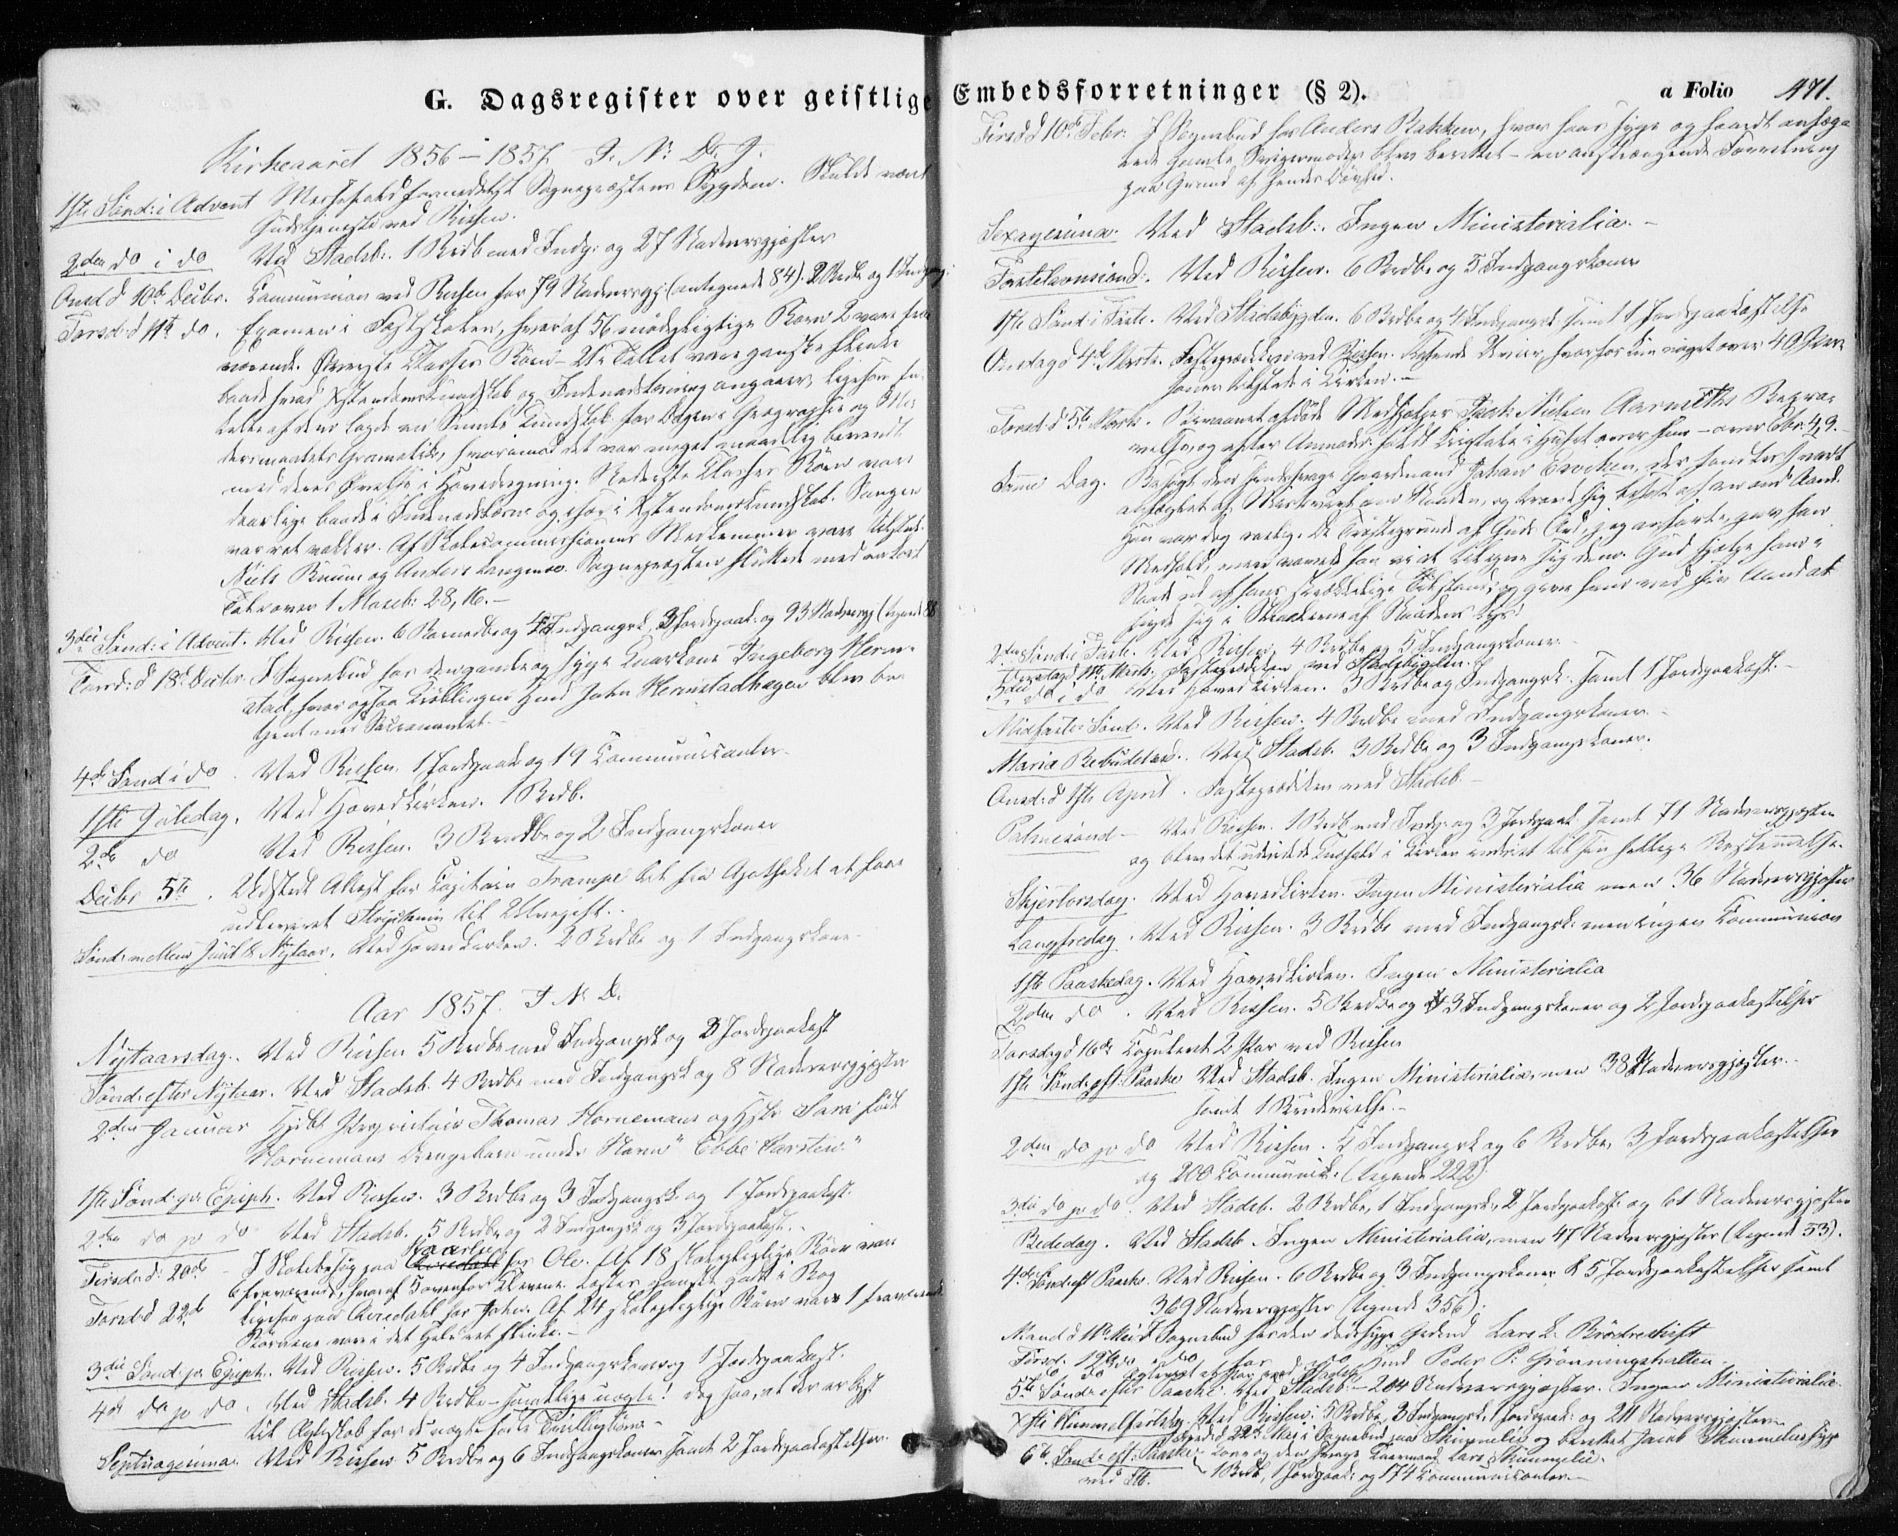 SAT, Ministerialprotokoller, klokkerbøker og fødselsregistre - Sør-Trøndelag, 646/L0611: Ministerialbok nr. 646A09, 1848-1857, s. 471